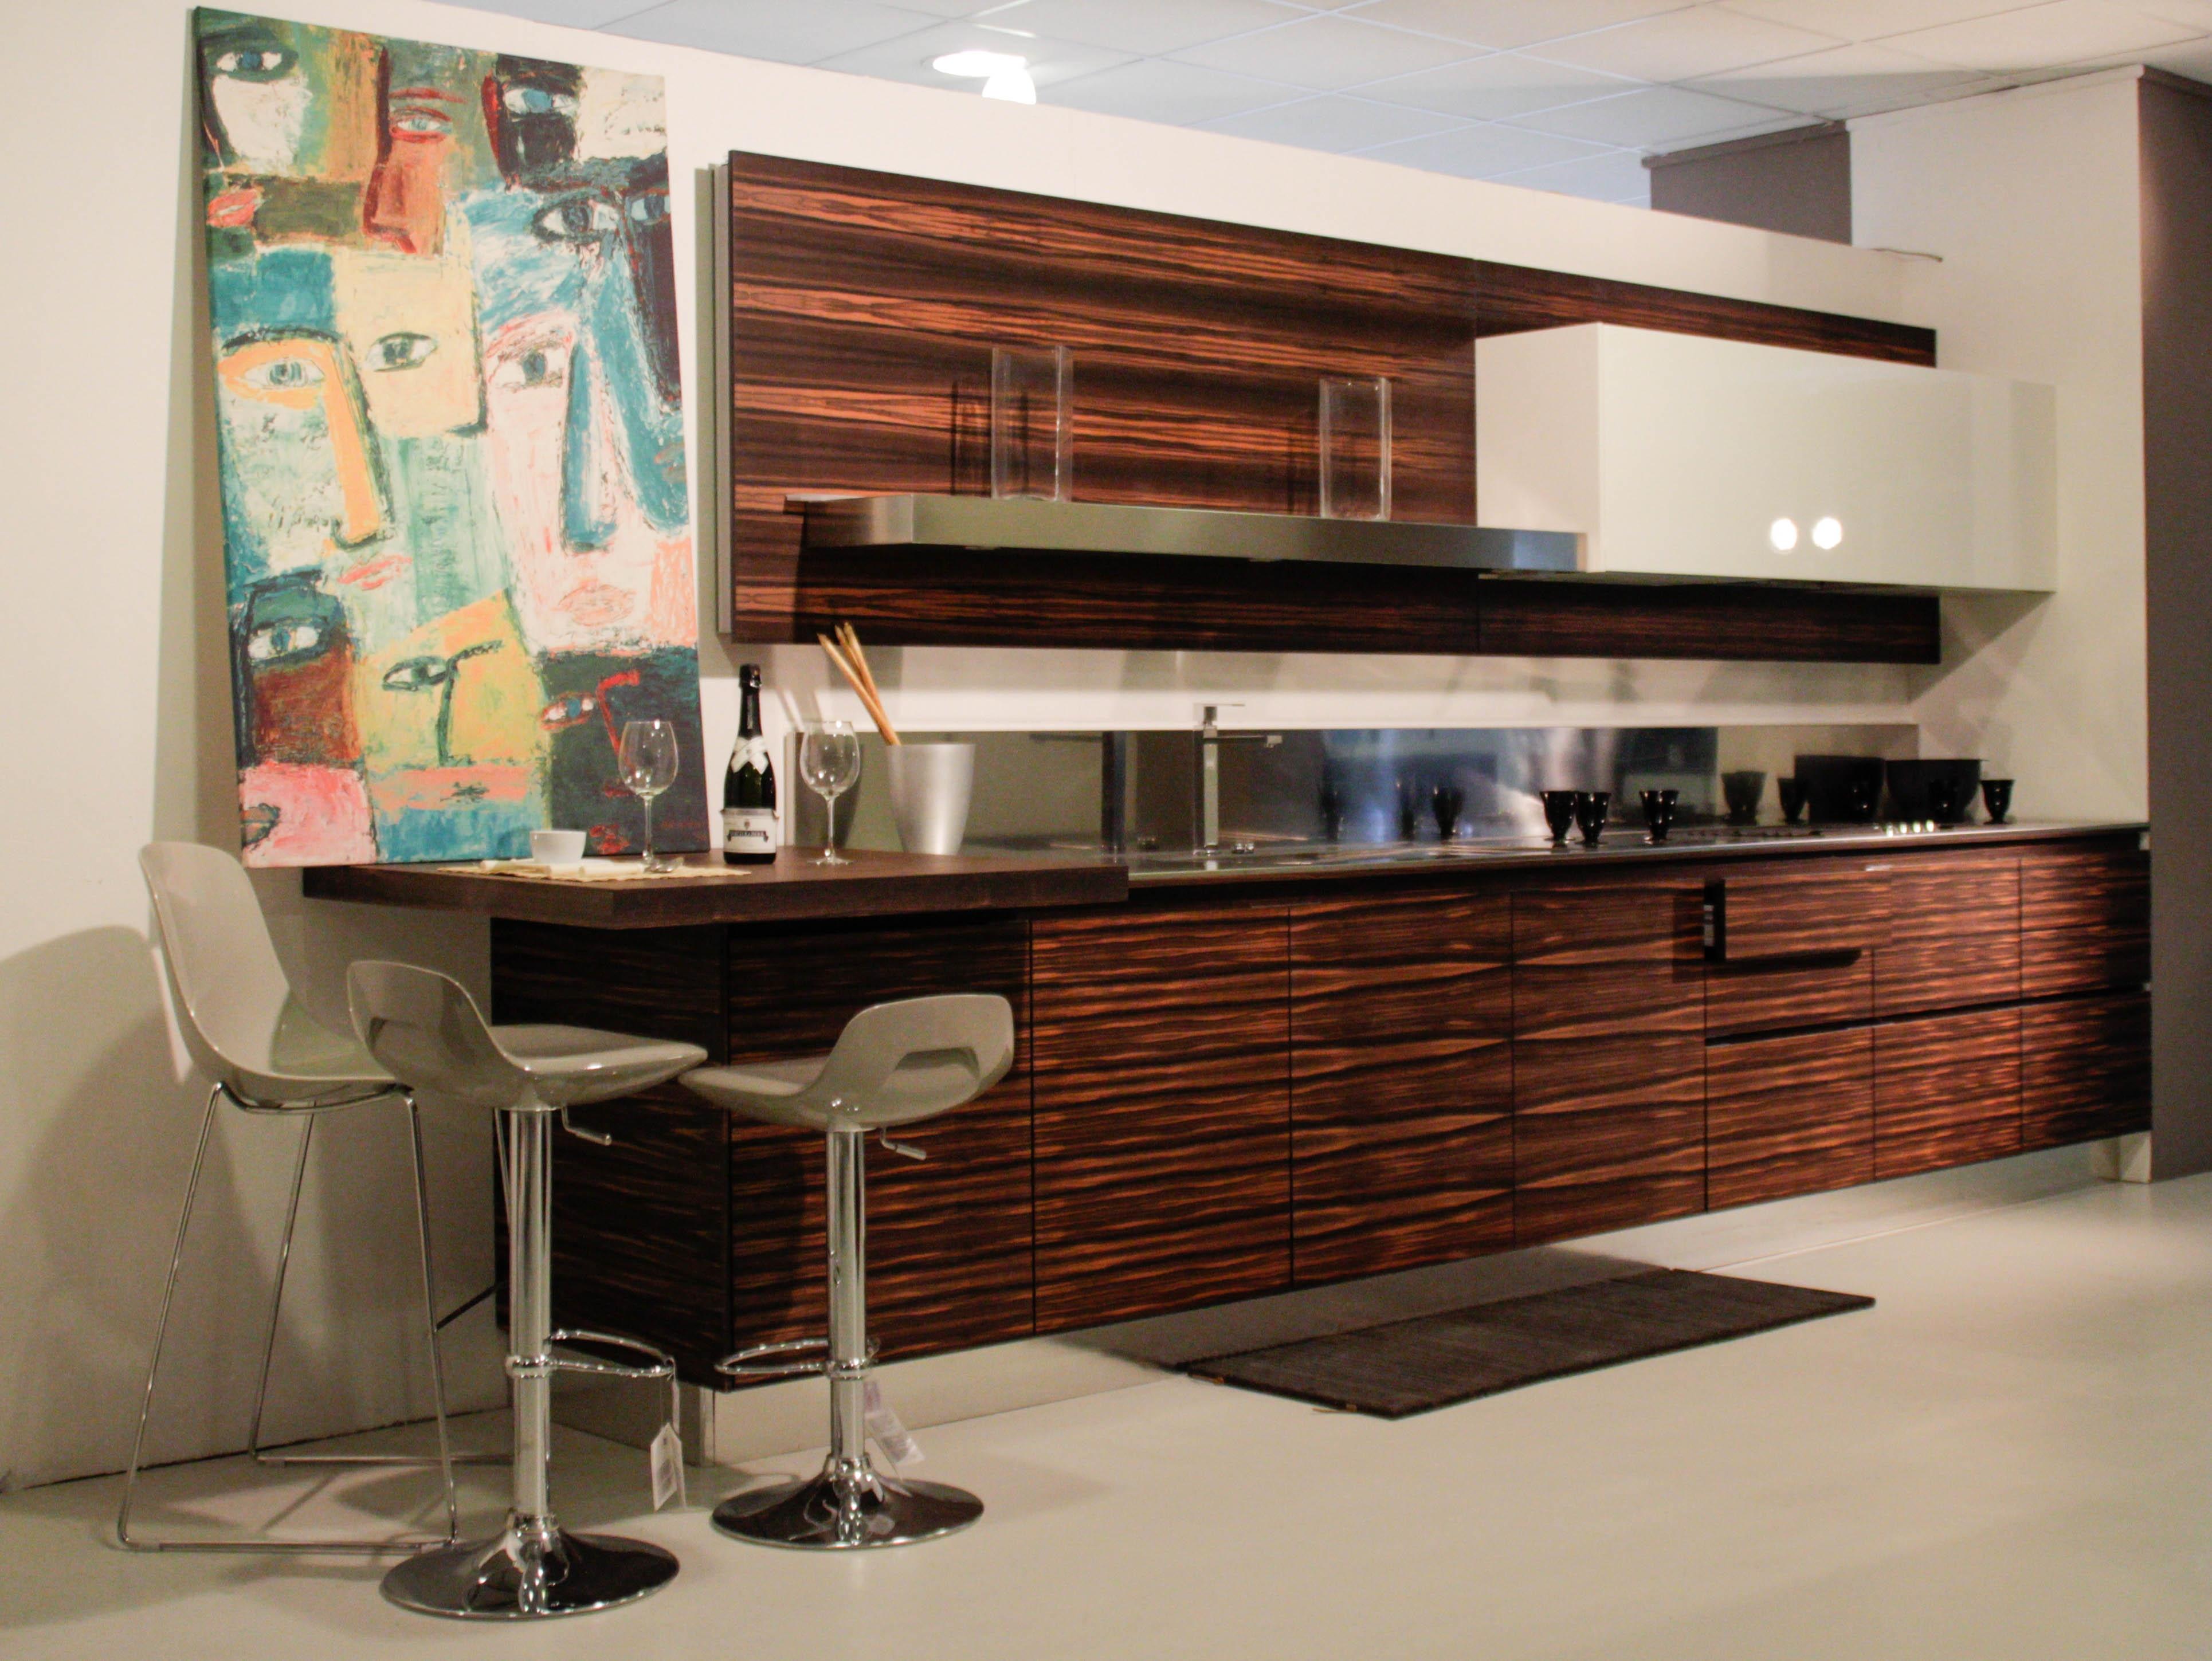 Cucina salvarani high teak legno cucine a prezzi scontati - Cucine in legno prezzi ...